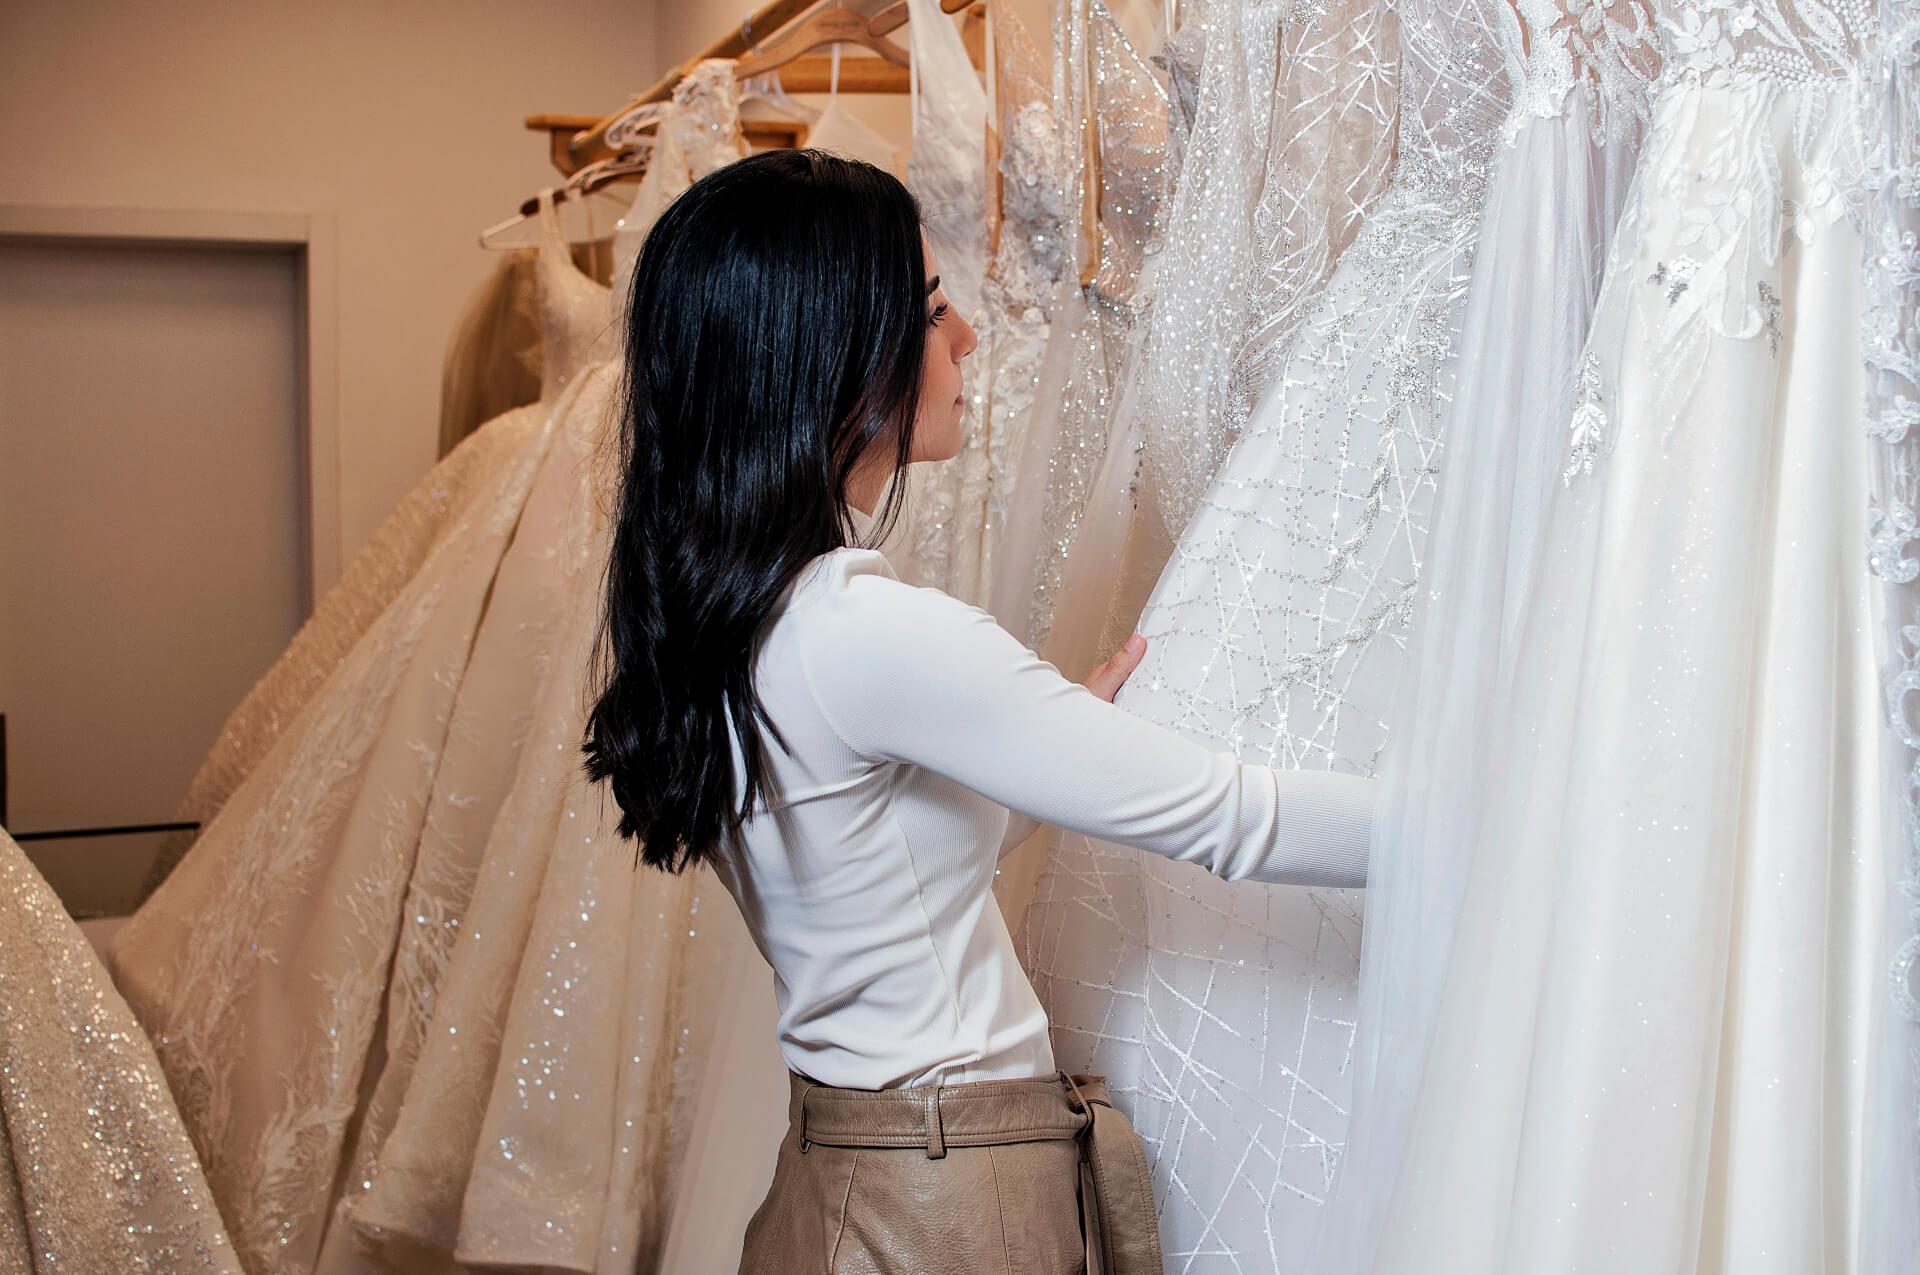 Acerca de Bridal Room Boutique - La mejor tienda de novias en donde podrás encontra tu vestido de novia ideal en Caracas, Venezuela o en la Isla de Margarita